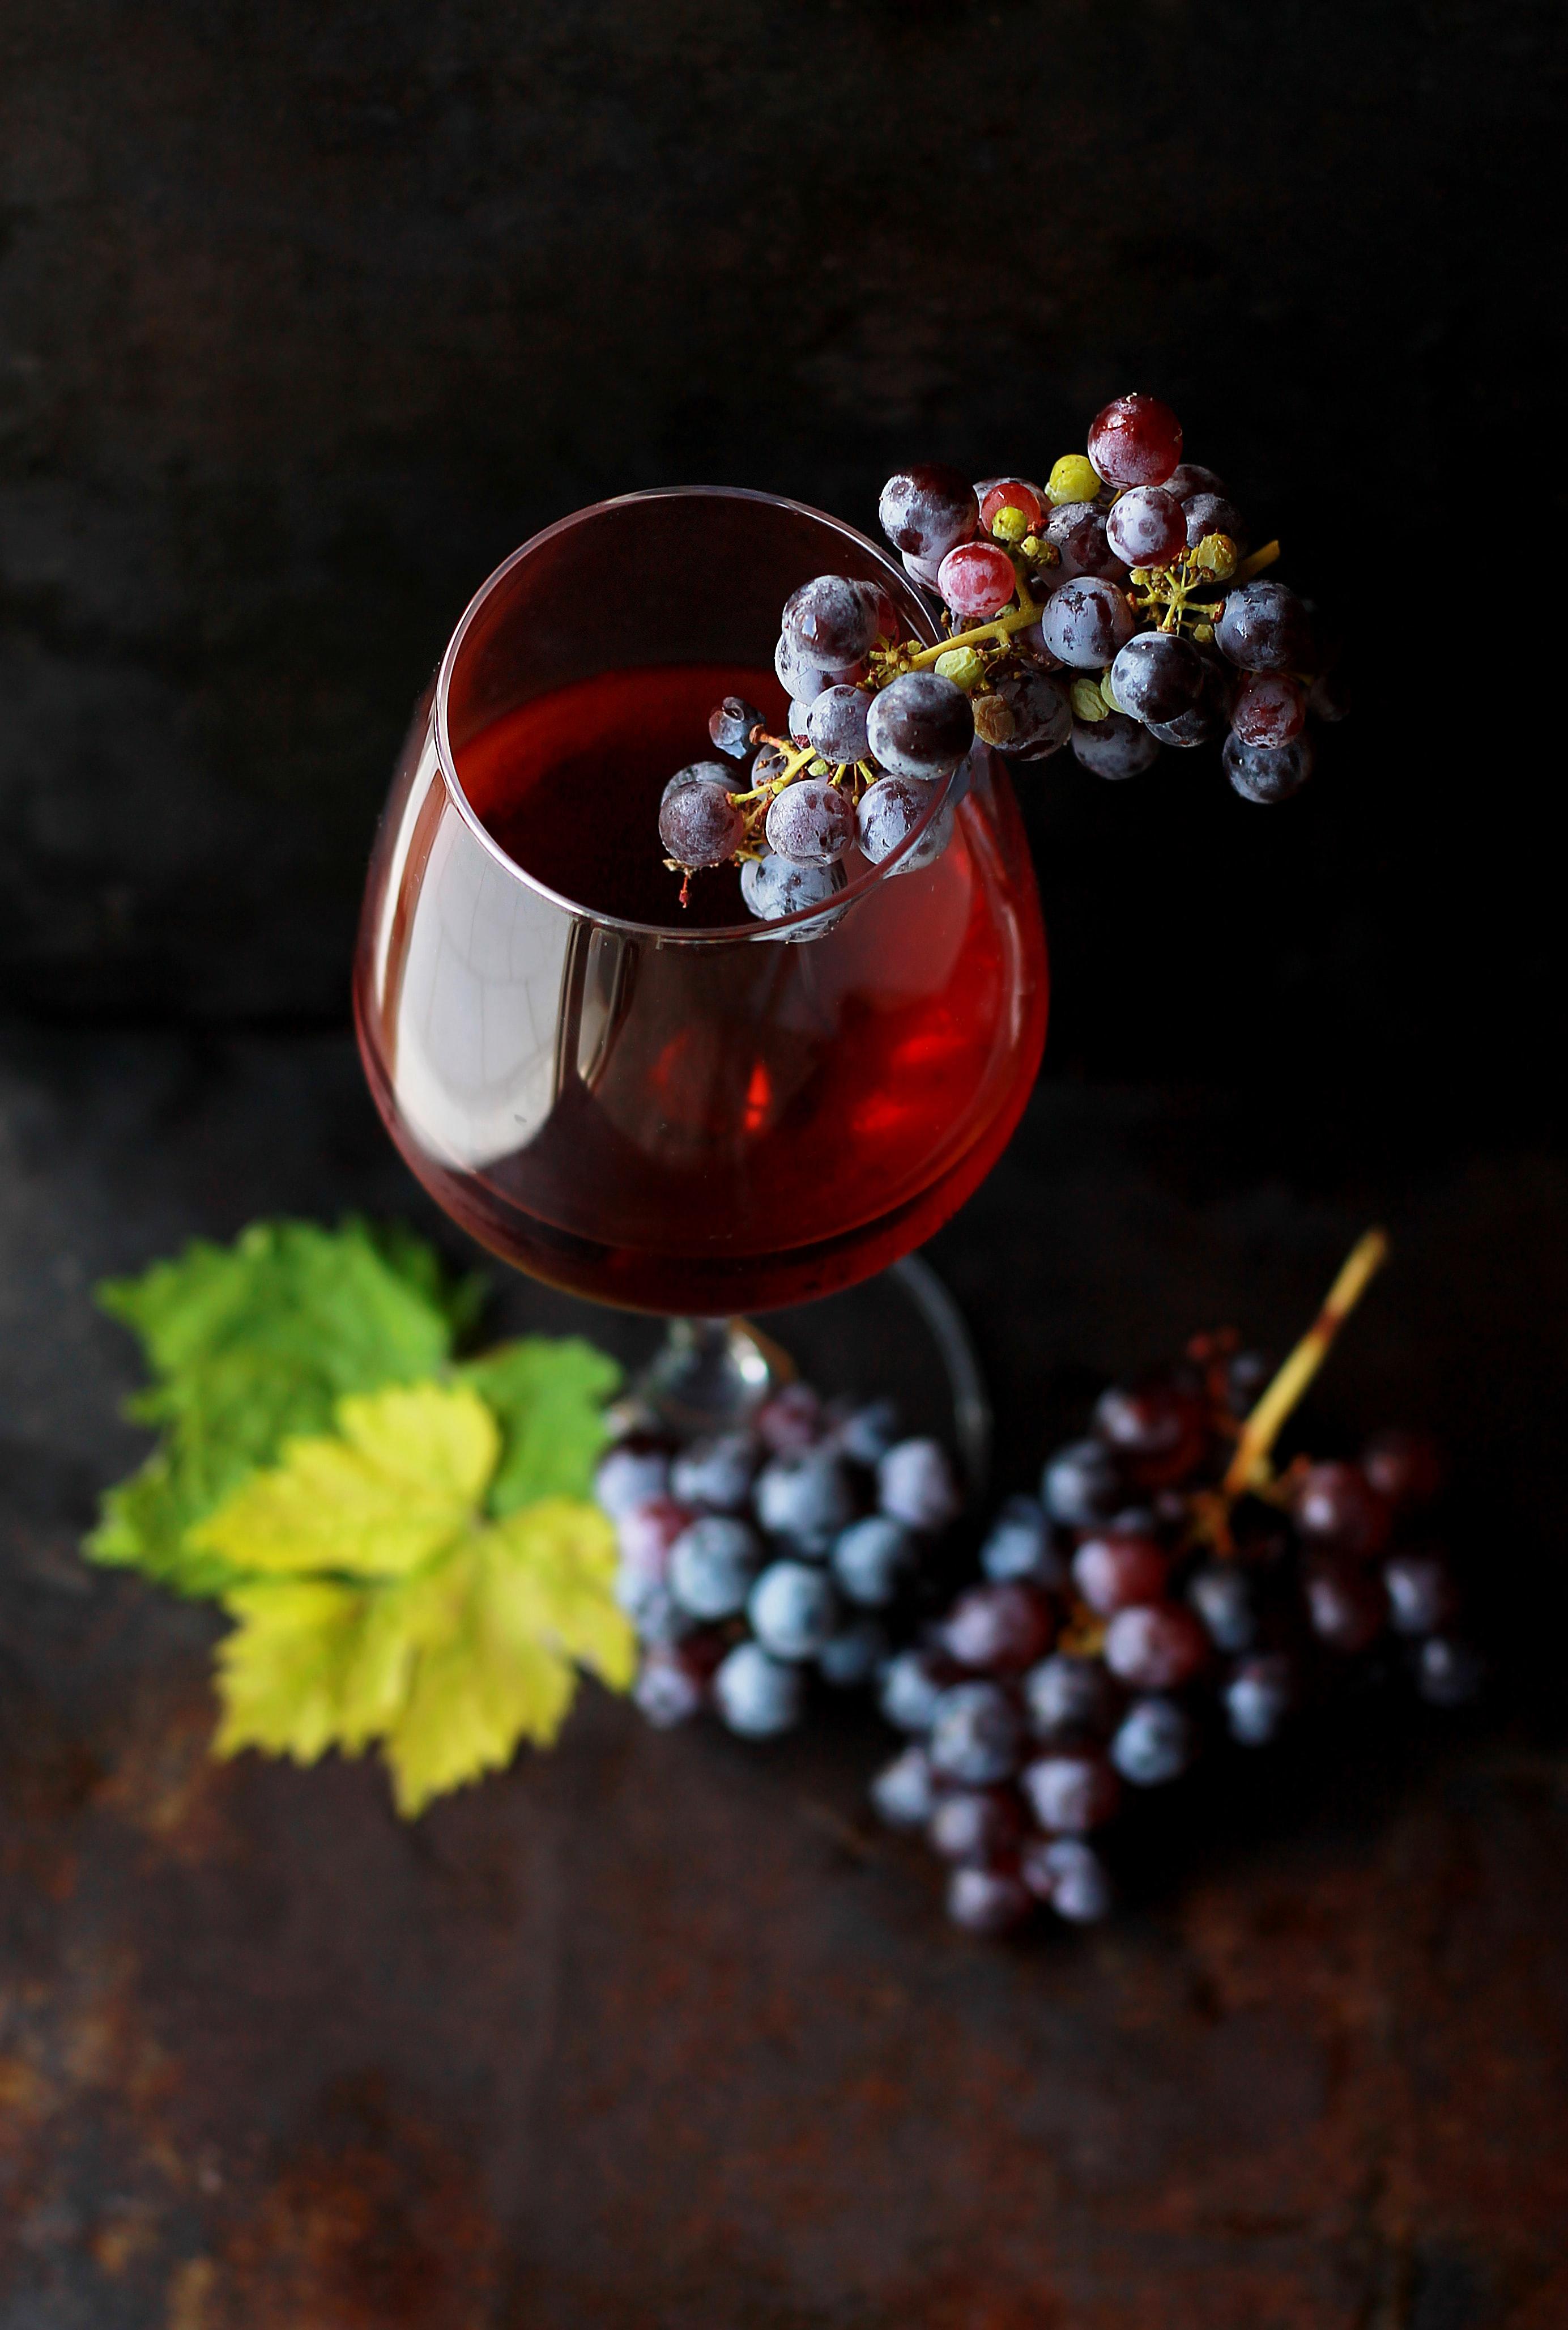 снимка на чаша с вино и пъшки грозде